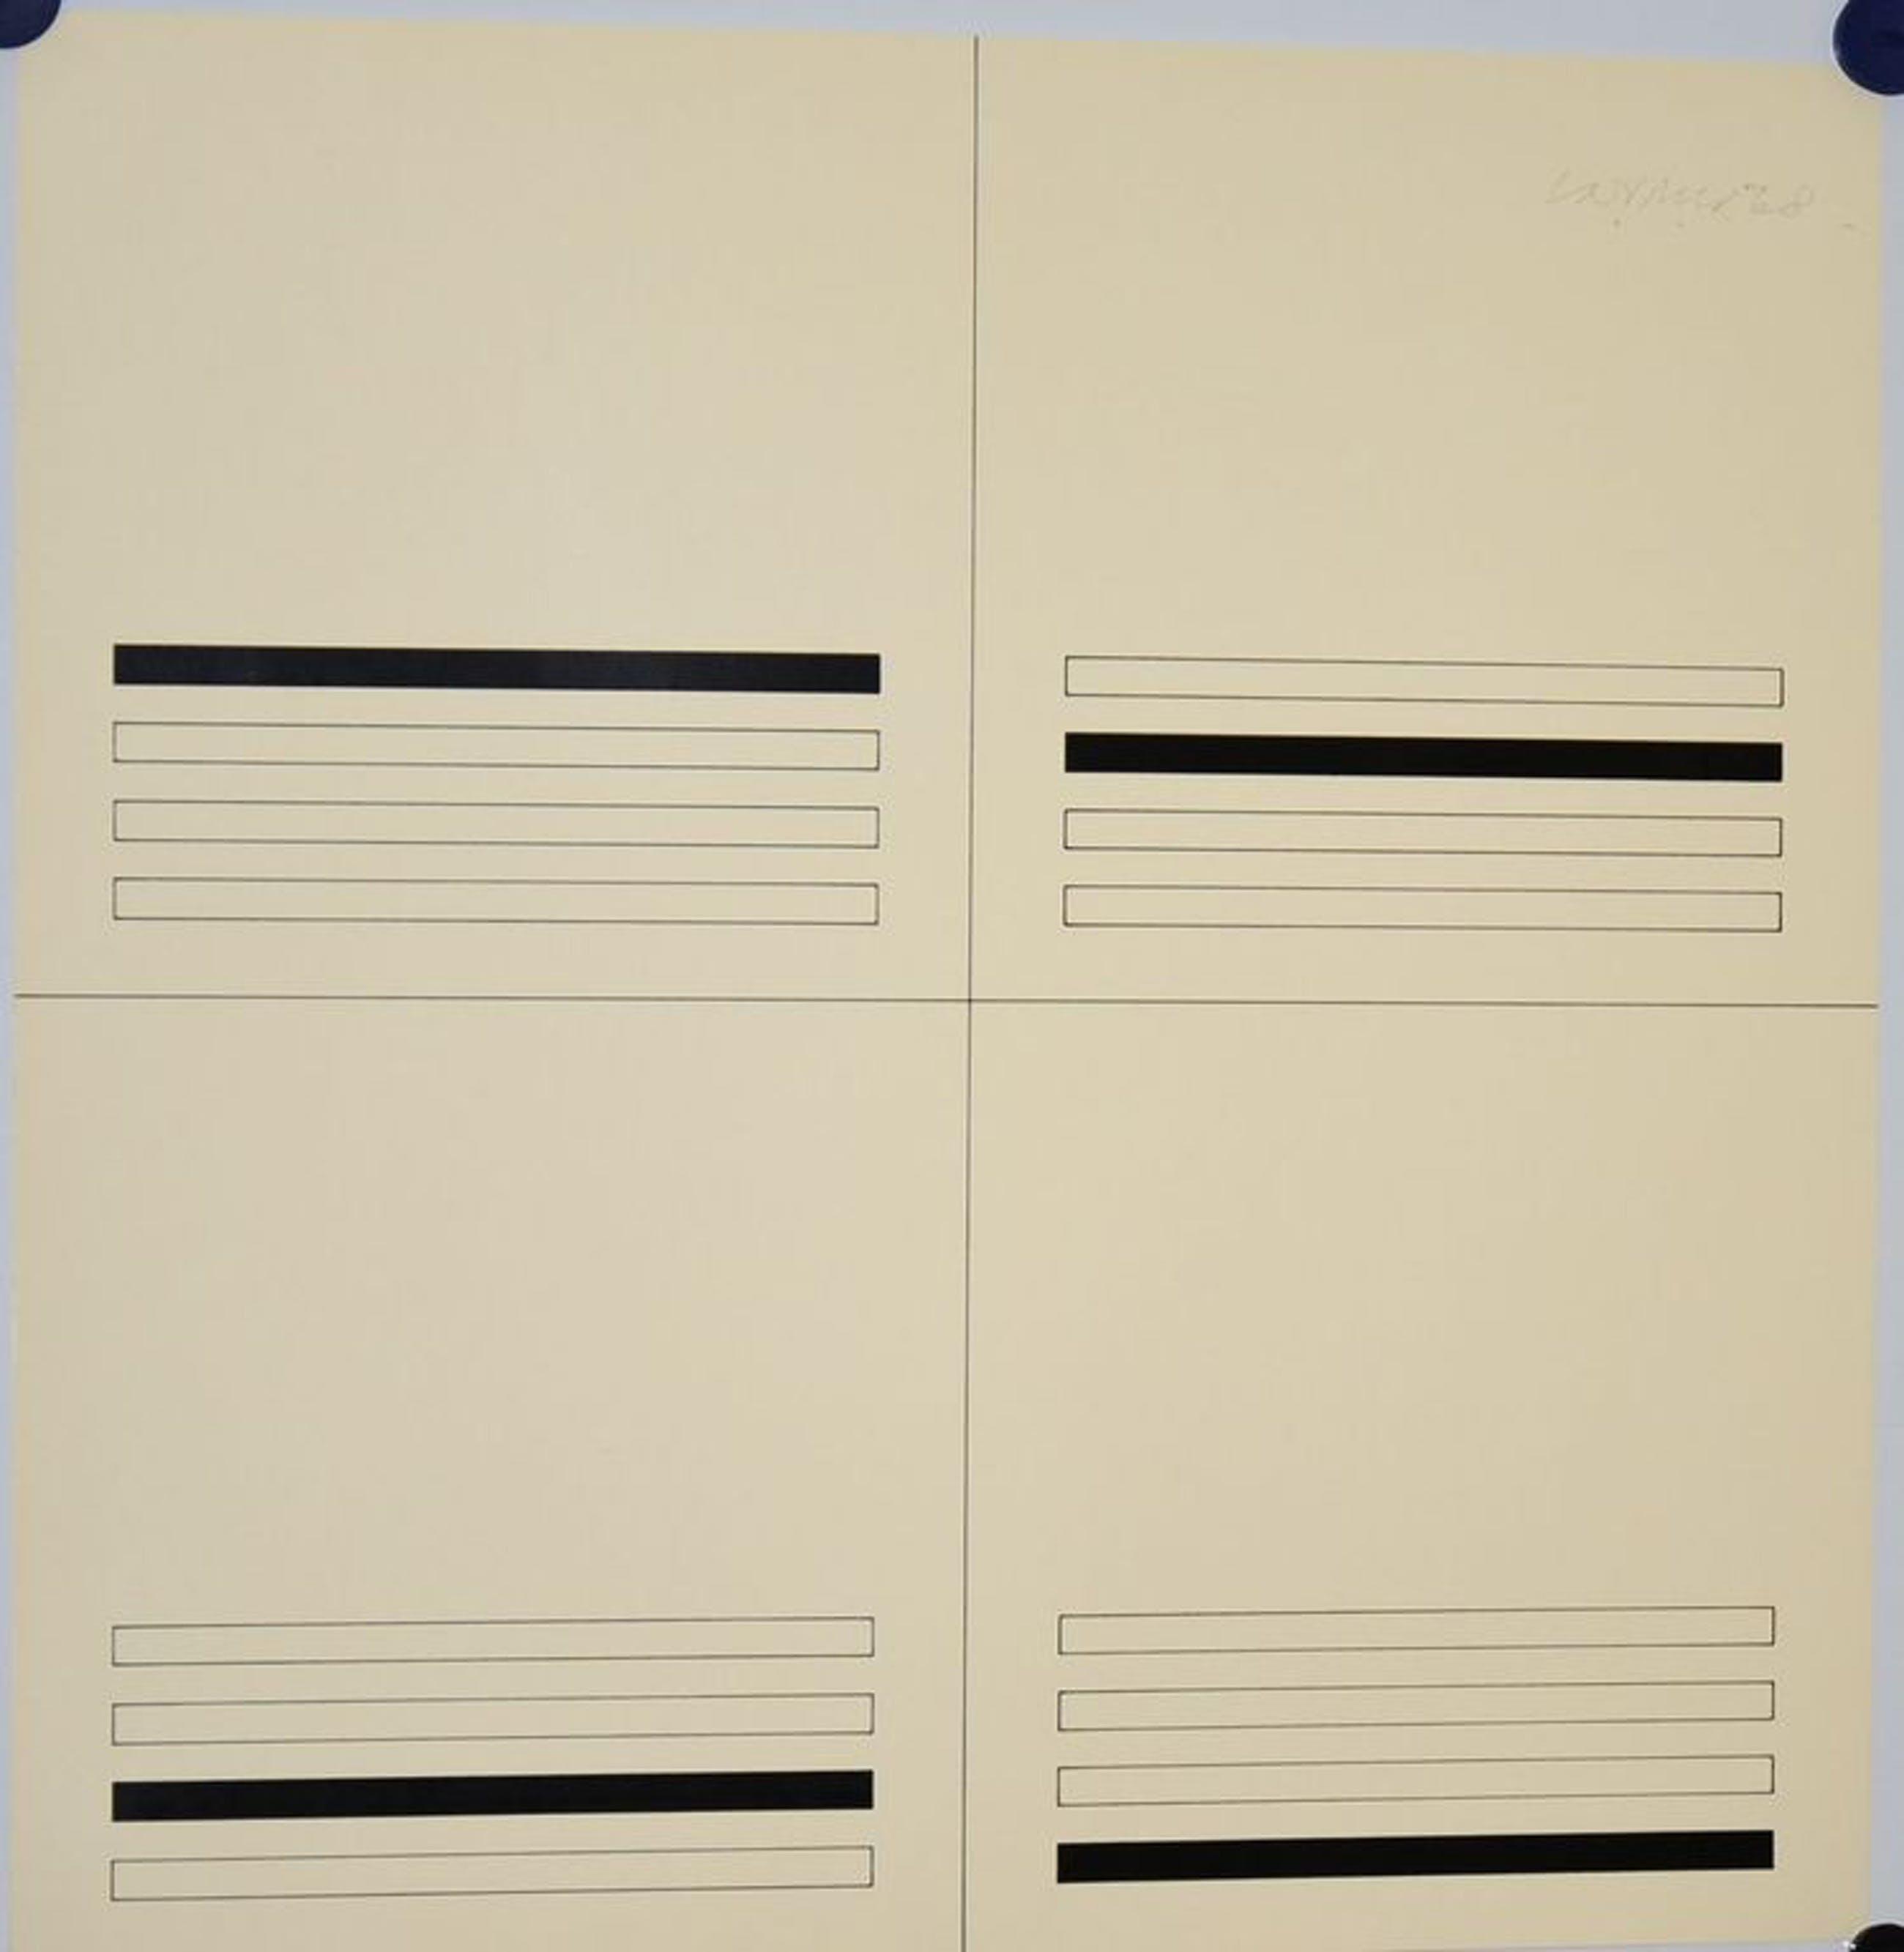 Carel Visser: Zeefdruk. Compositie met lijnen kopen? Bied vanaf 70!